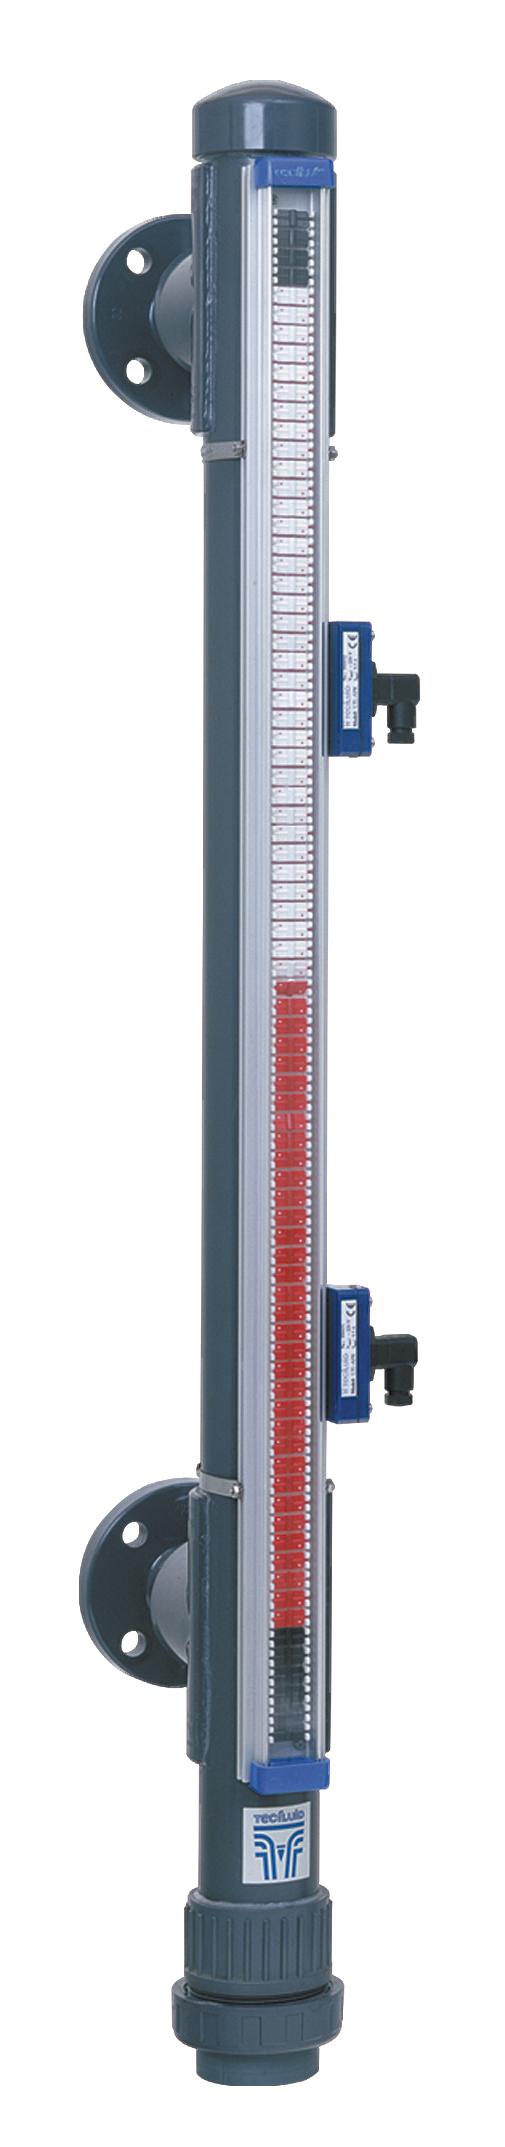 Indicateur / Transmetteur de niveau LT10 PVC